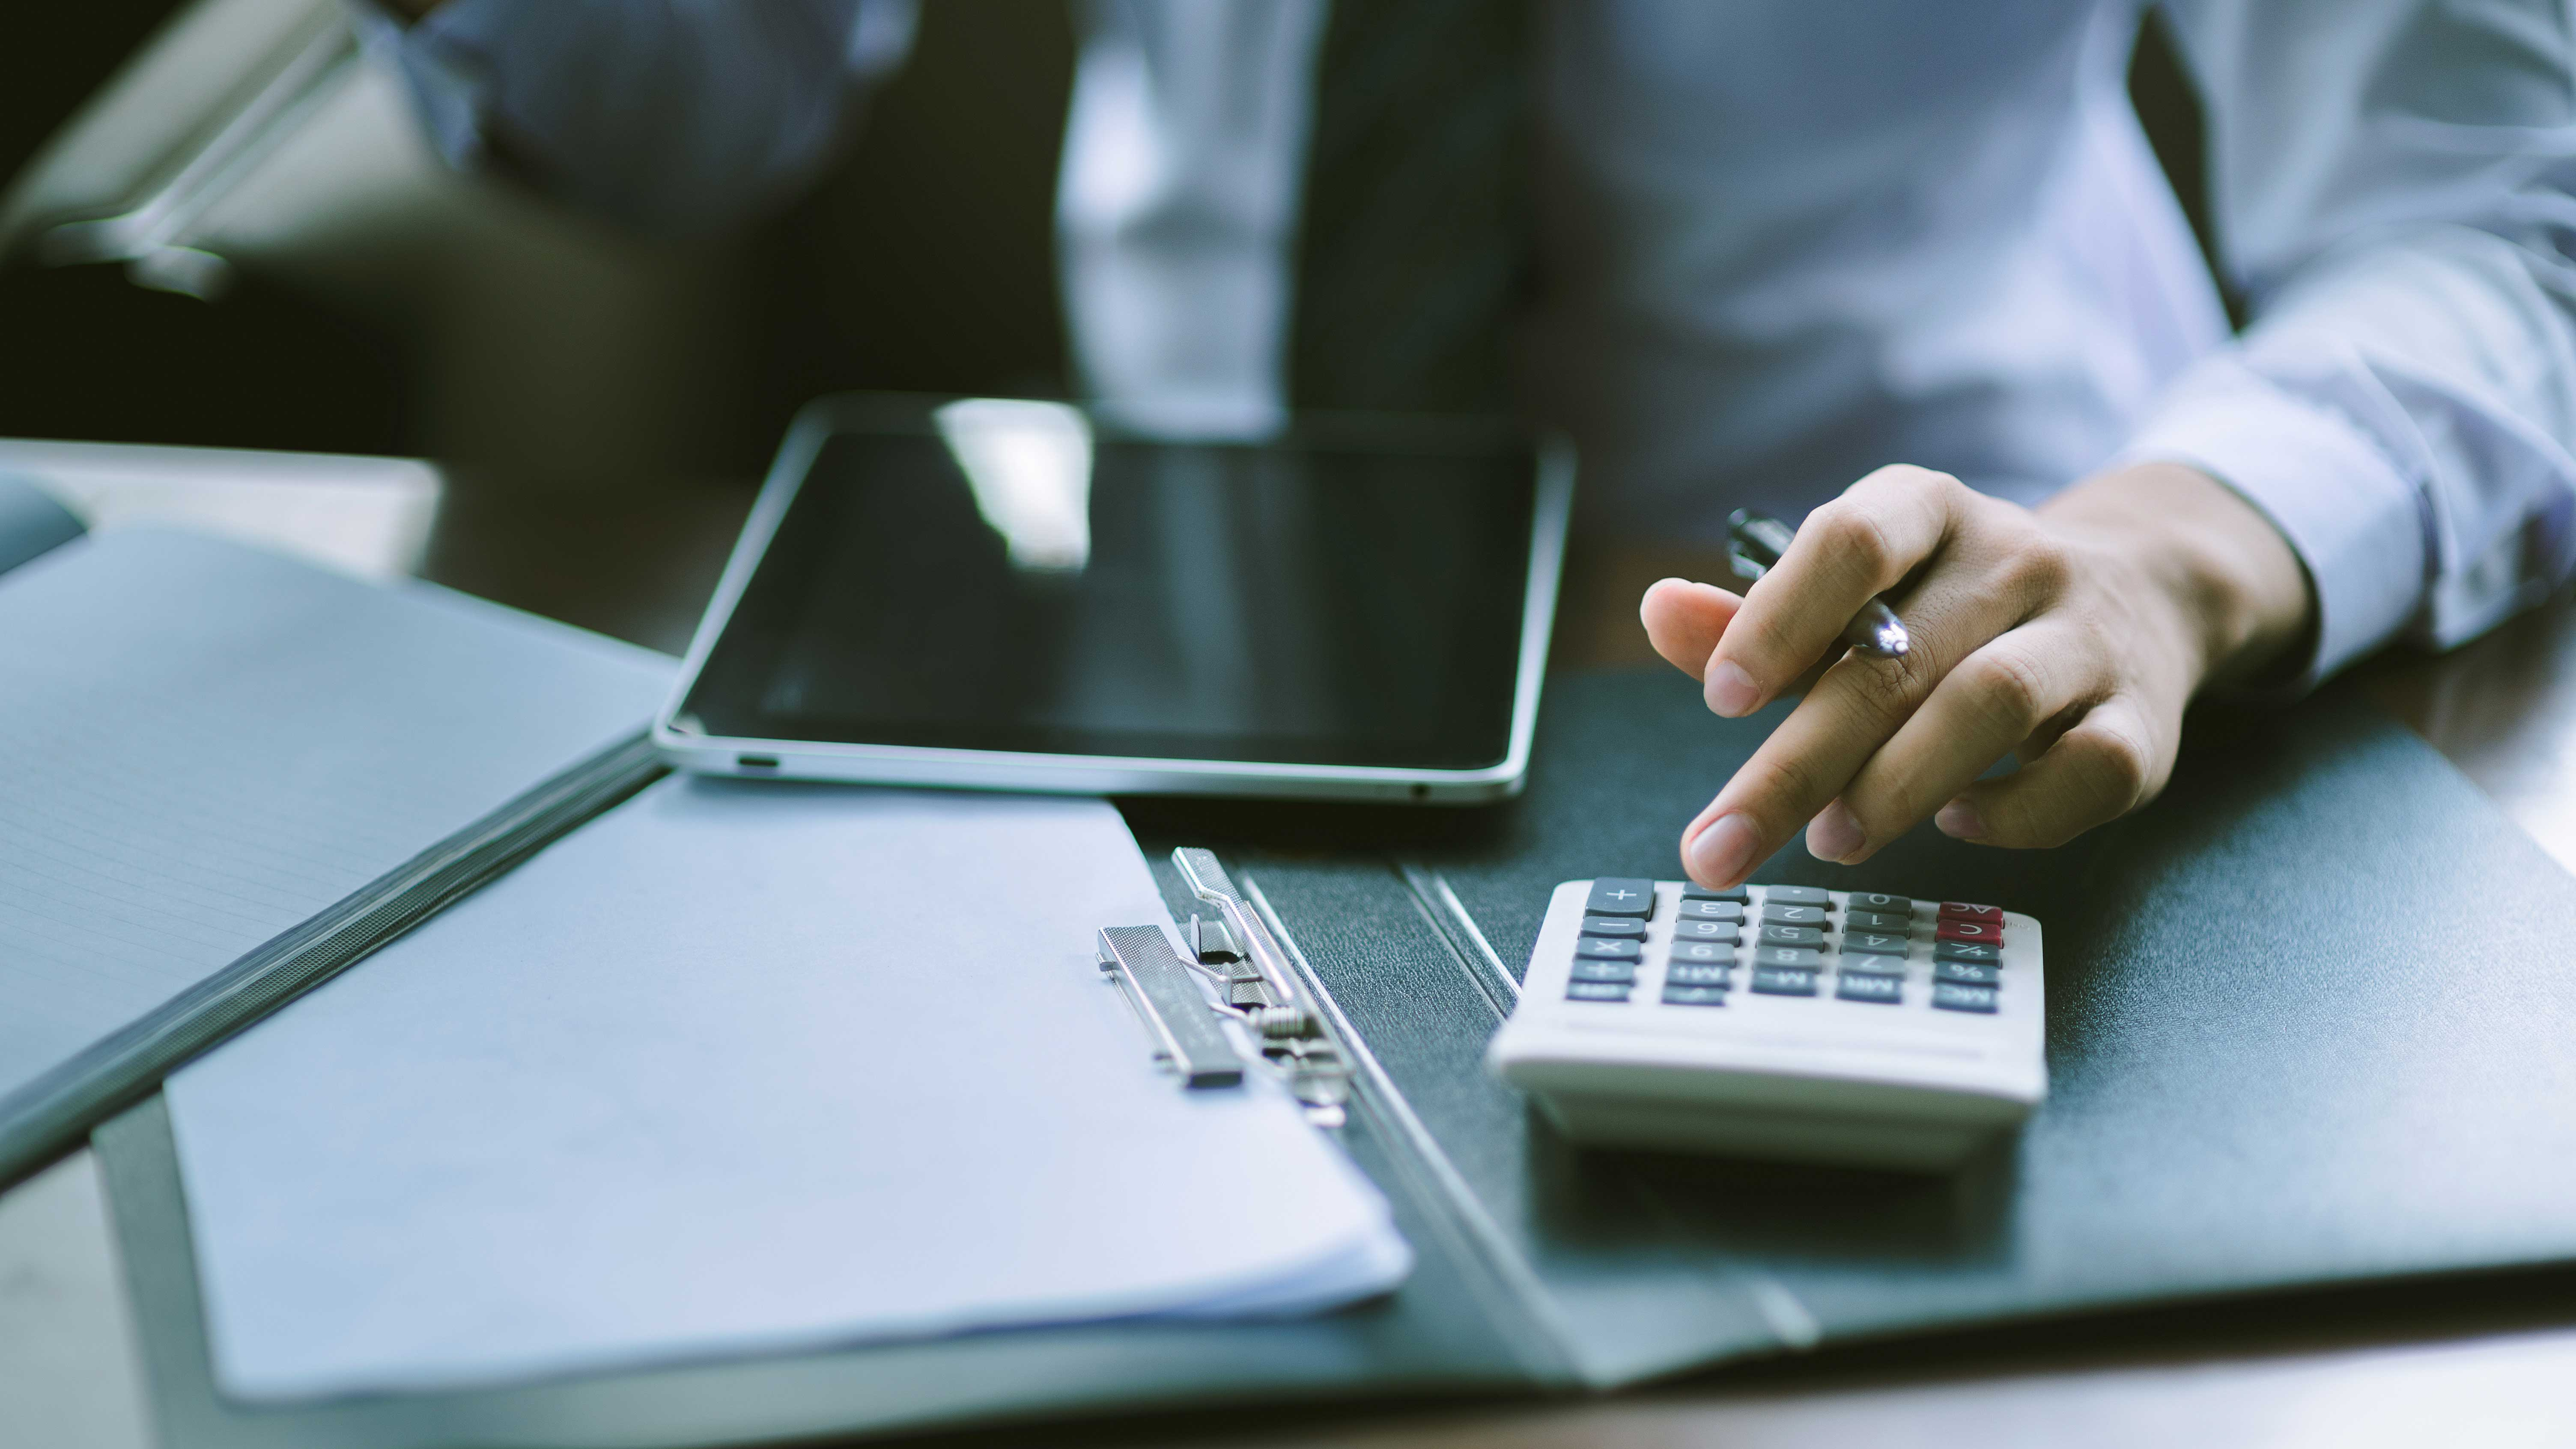 AltText: Erbschaftssteuerrechner ermittelt Schenkungssteuer Freibetrag für Erbschaftssteuererklärung beim Finanzamt